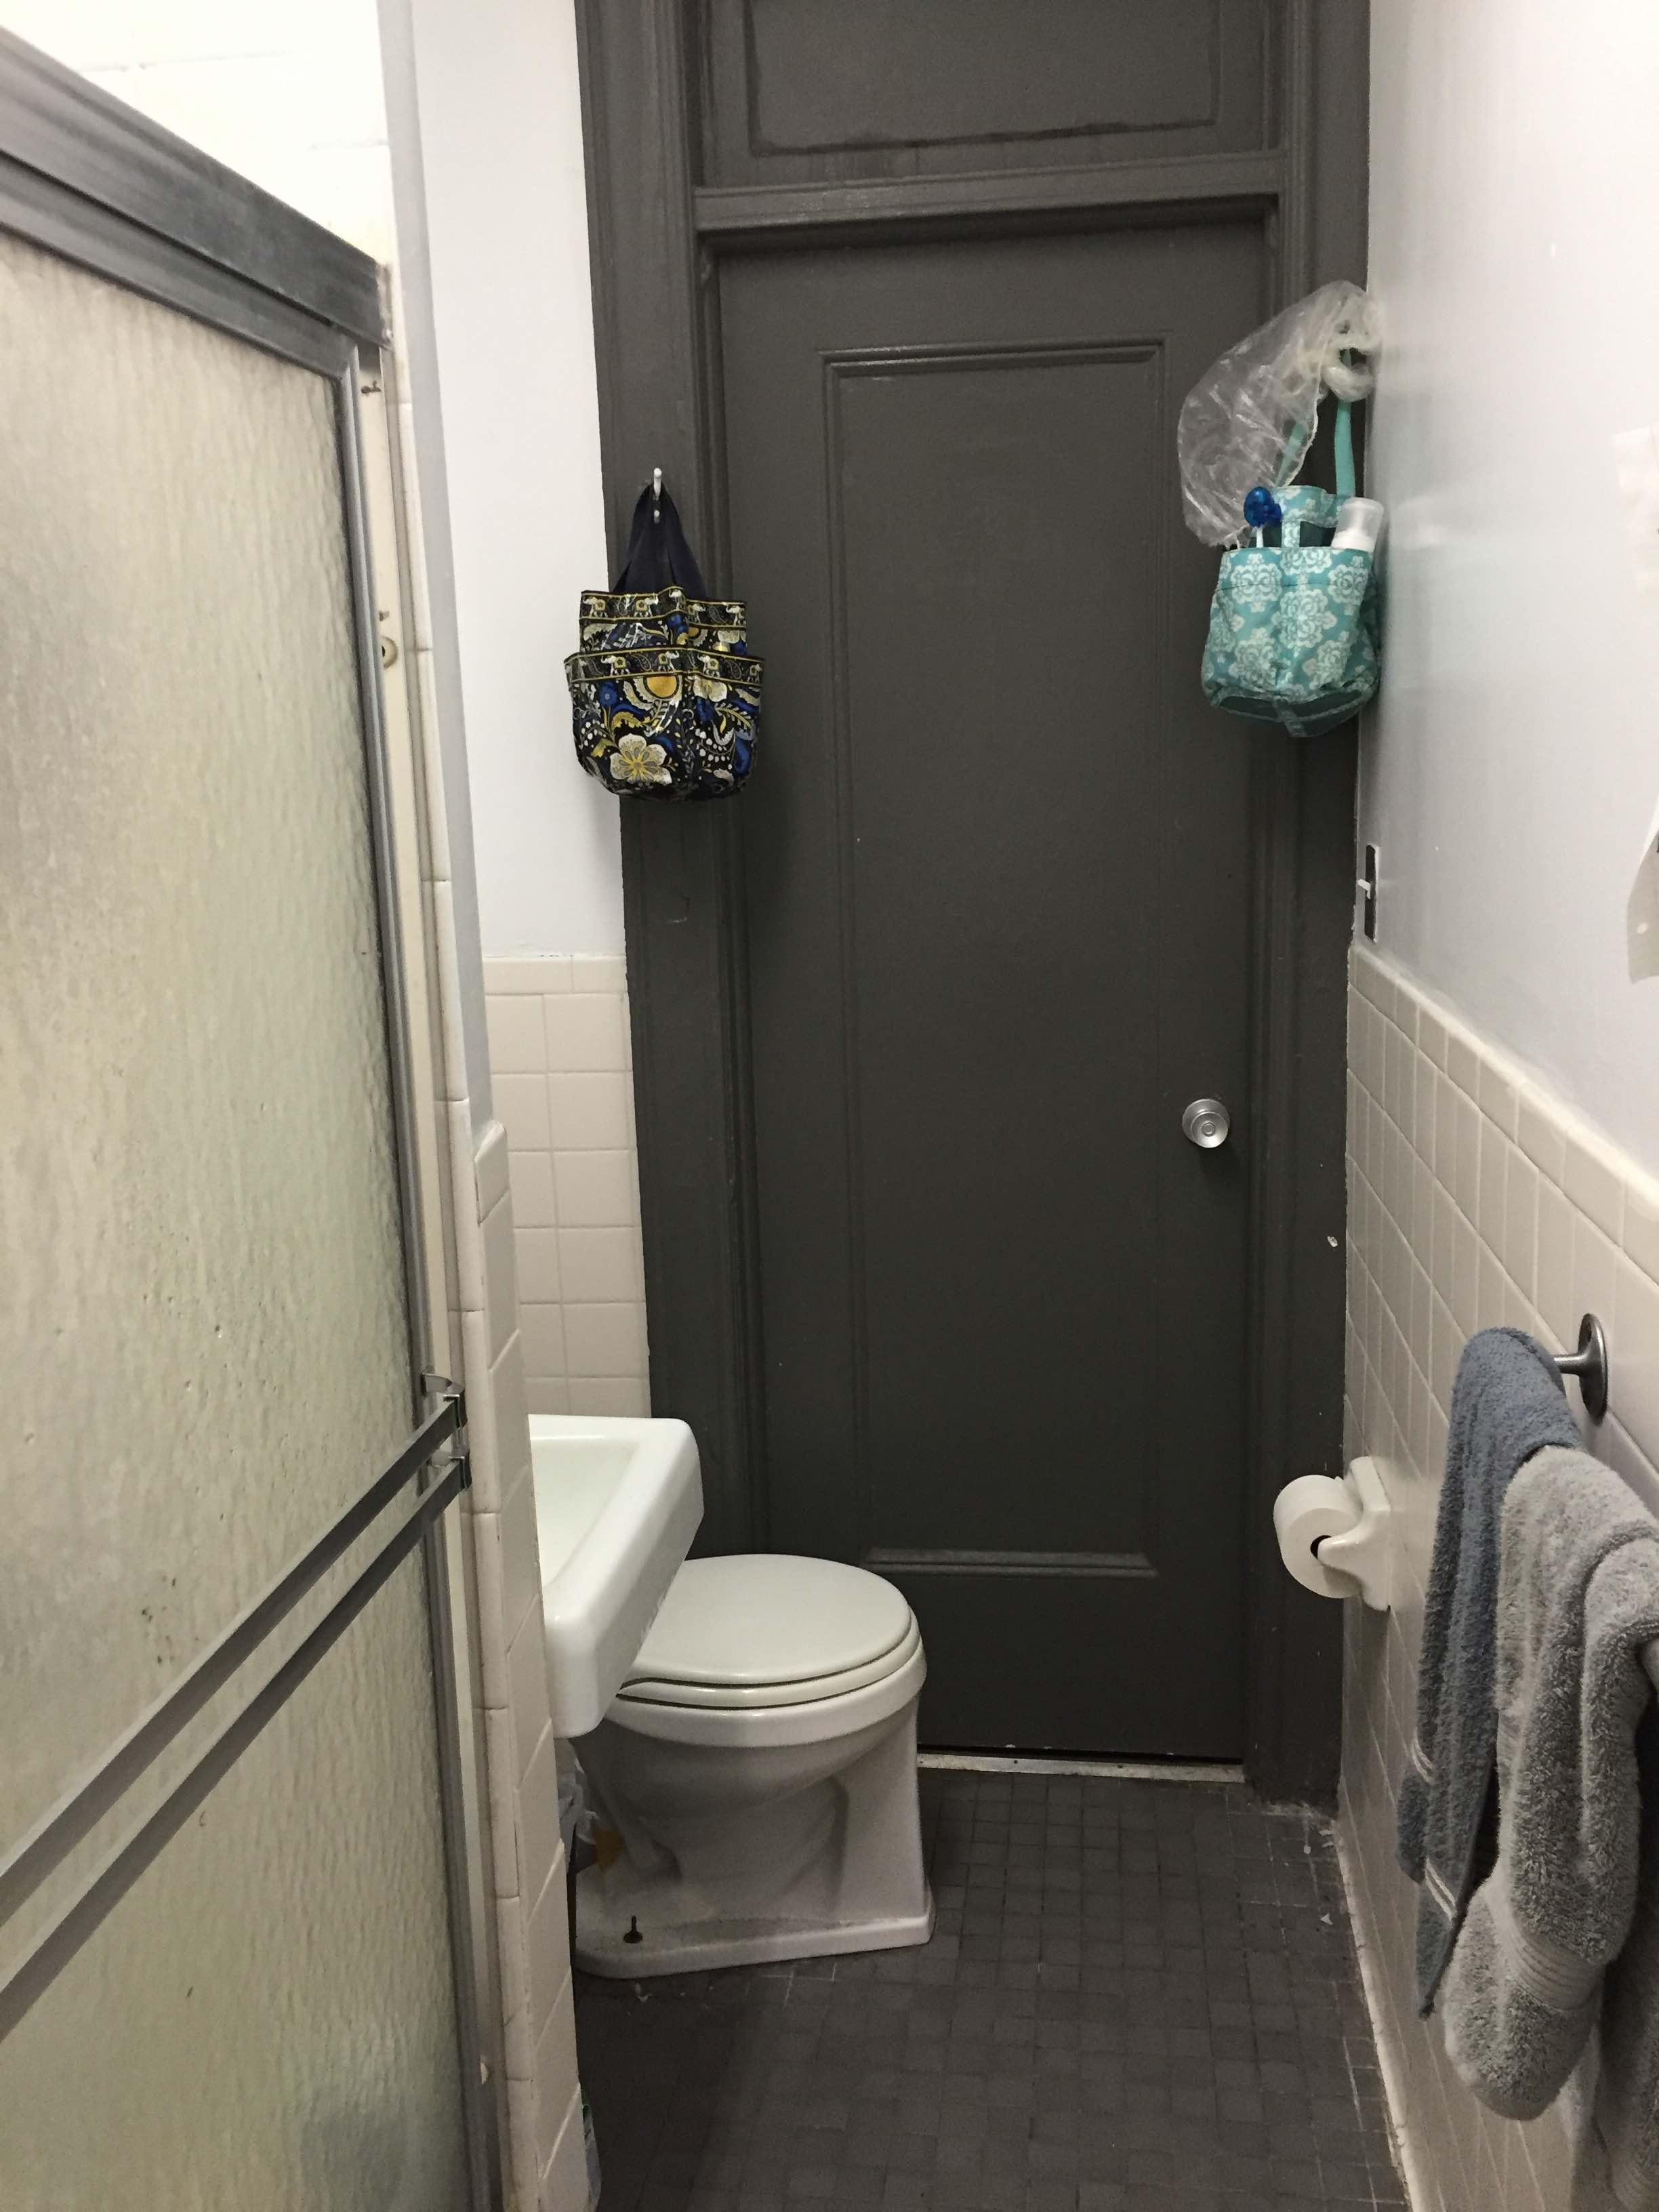 Bwog » Barnard Housing Reviews 2016: 620 West 116th Street